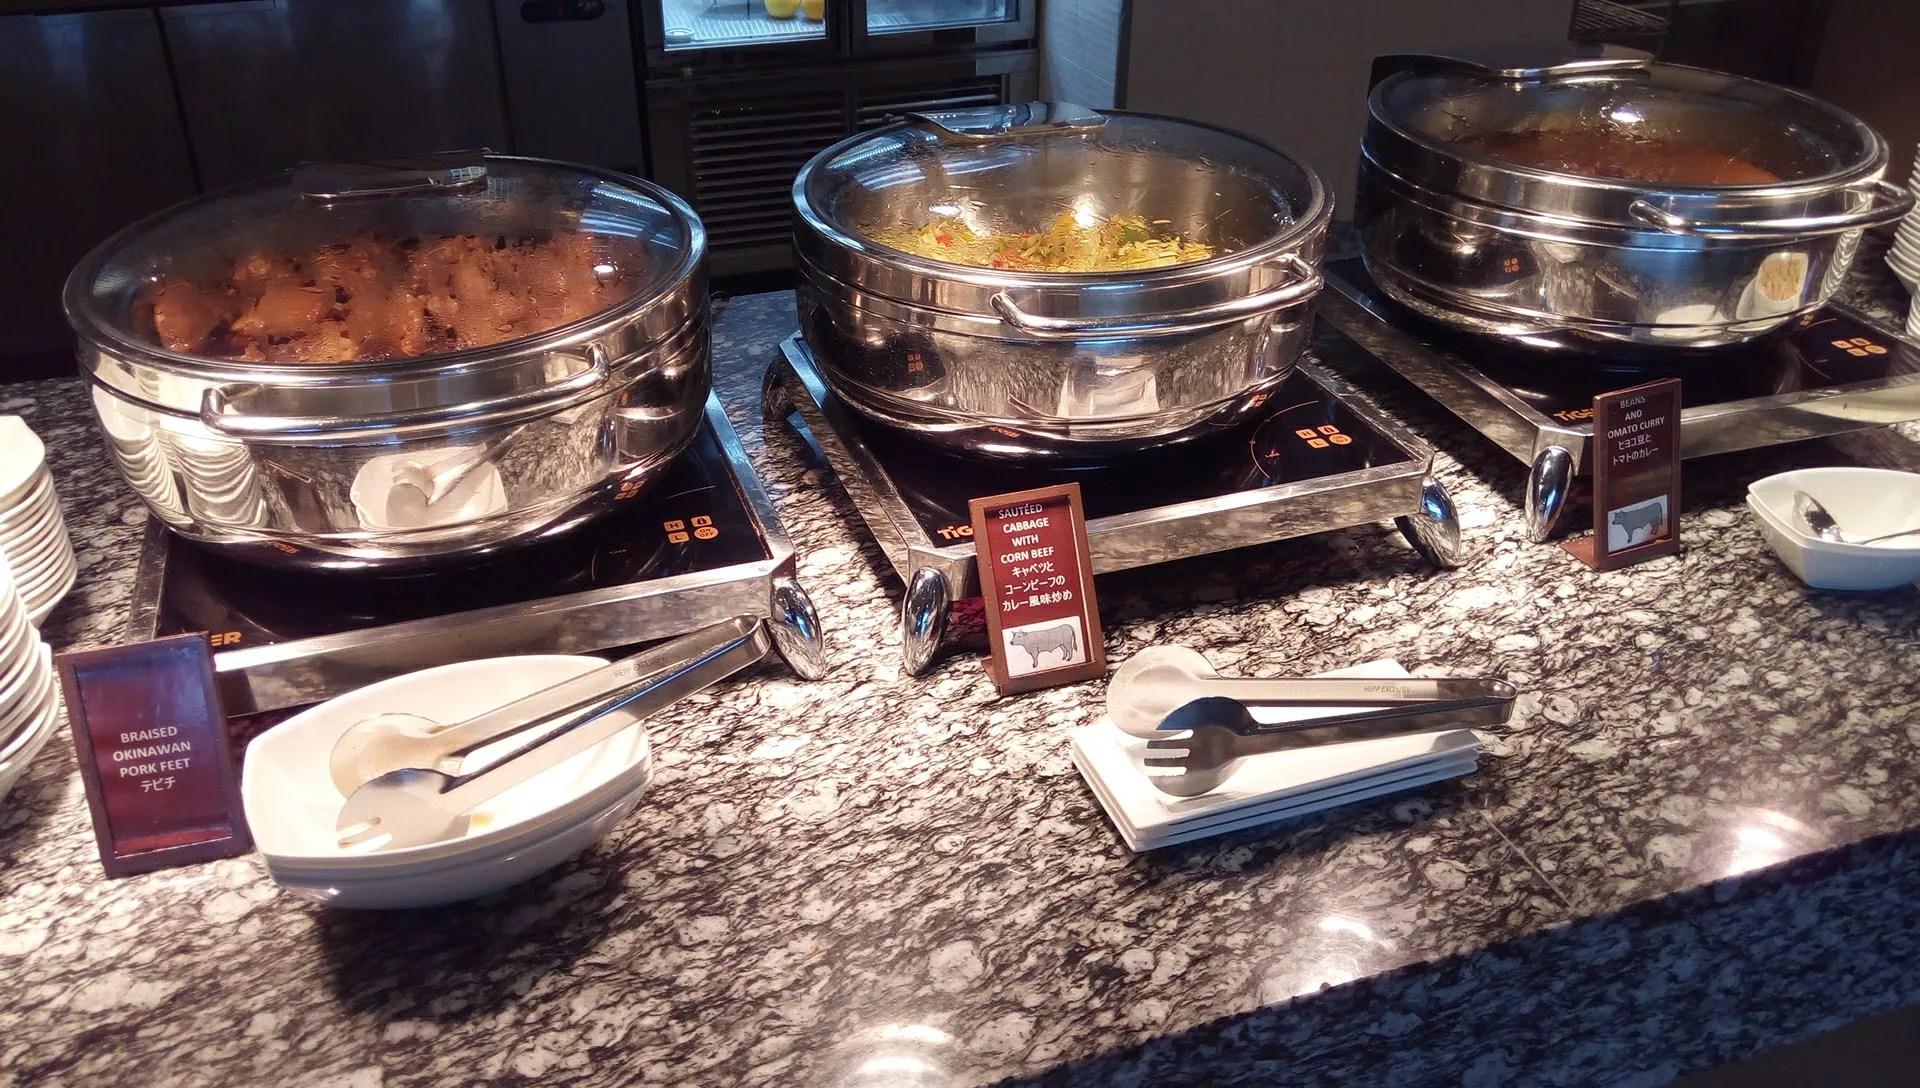 SURIYUNでの食べ放題の料理5